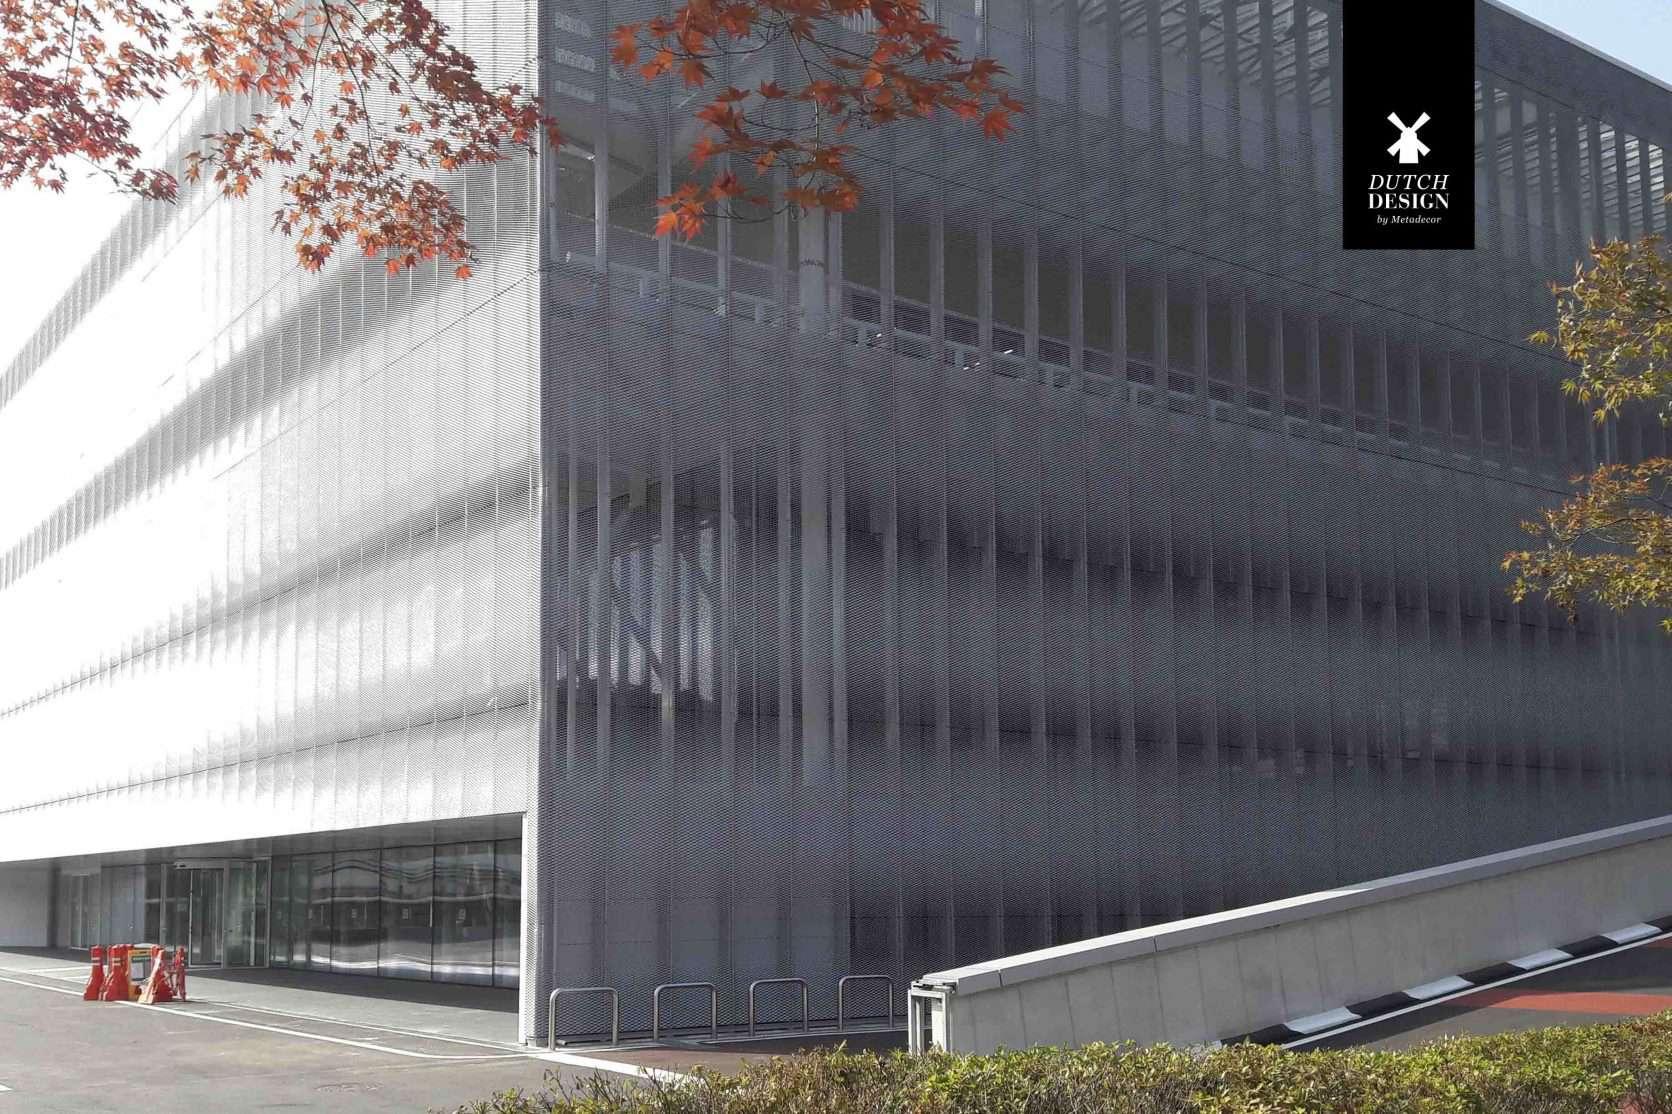 Het Hyundai Motor Training Center in Zuid Korea is voorzien van een strekmetalen gevel die als functie heeft de zon te weren.